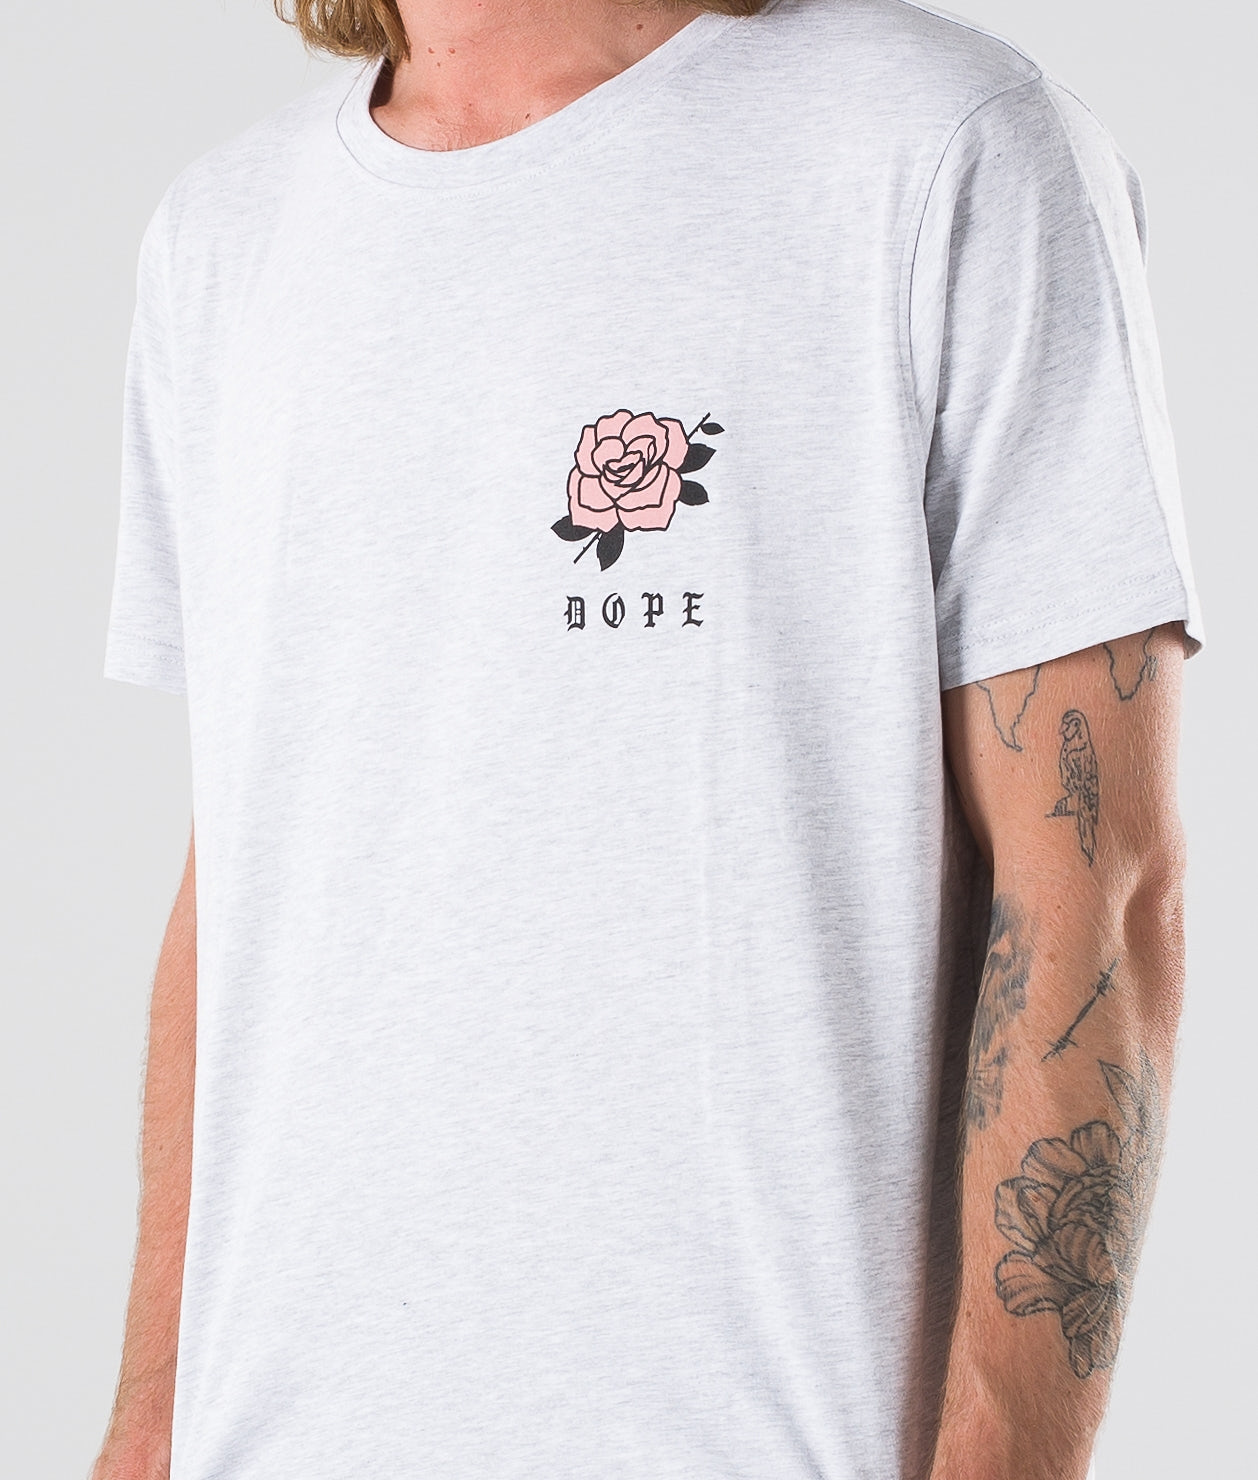 Kjøp ROSE T-shirt fra Dope på Ridestore.no - Hos oss har du alltid fri frakt, fri retur og 30 dagers åpent kjøp!